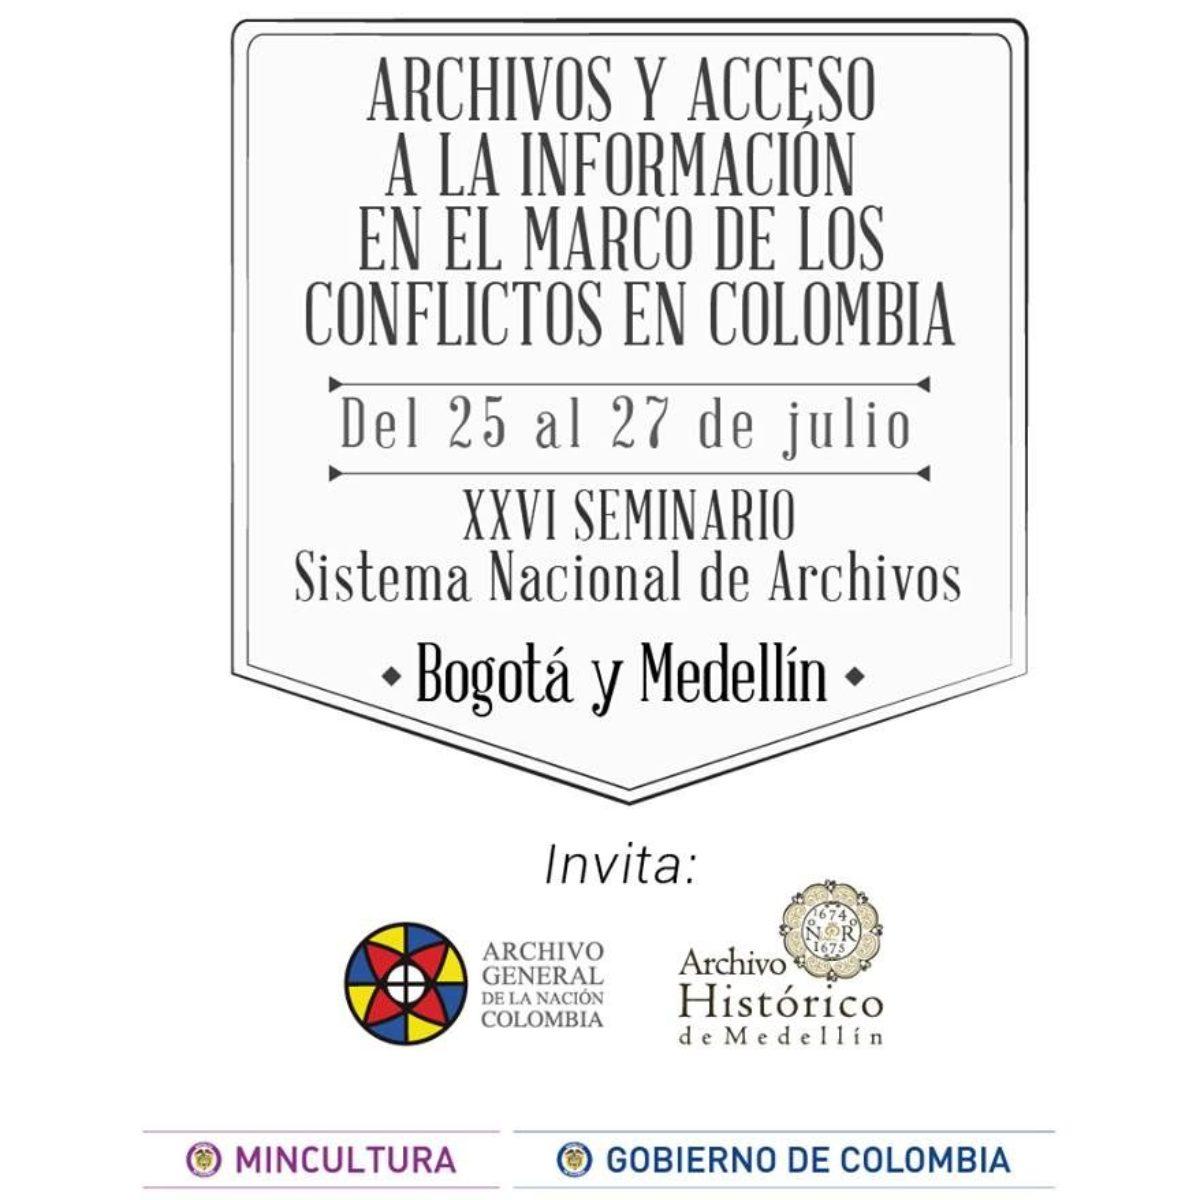 """XXVI SEMINARIO DEL SISTEMA NACIONAL DE ARCHIVOS: """"ARCHIVOS Y ACCESO A LA INFORMACIÓN EN EL MARCO DE LOS CONFLICTOS EN COLOMBIA"""""""